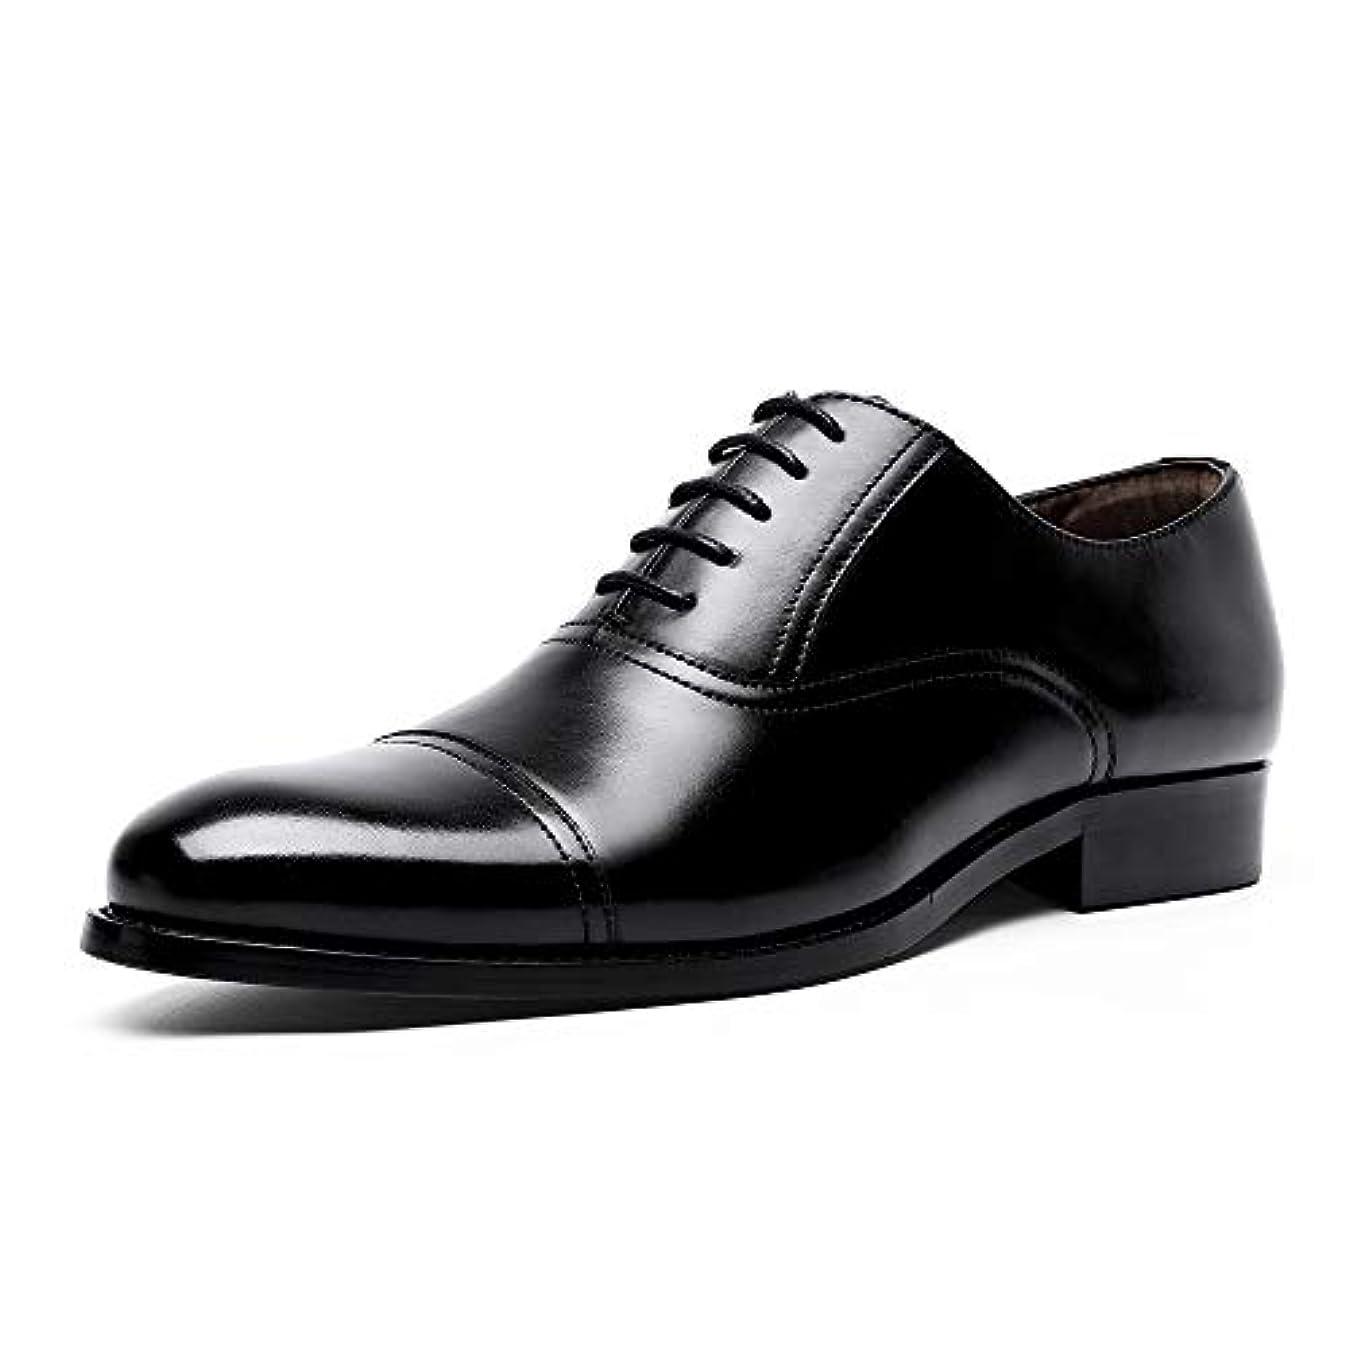 ホイッスル言うまでもなく意気込みiKuma ビジネスシューズ メンズ 紳士靴 革靴 本革 高級靴 ストレートチップ 履きやすい 通気性 レースアップ フォーマル 冠婚葬祭